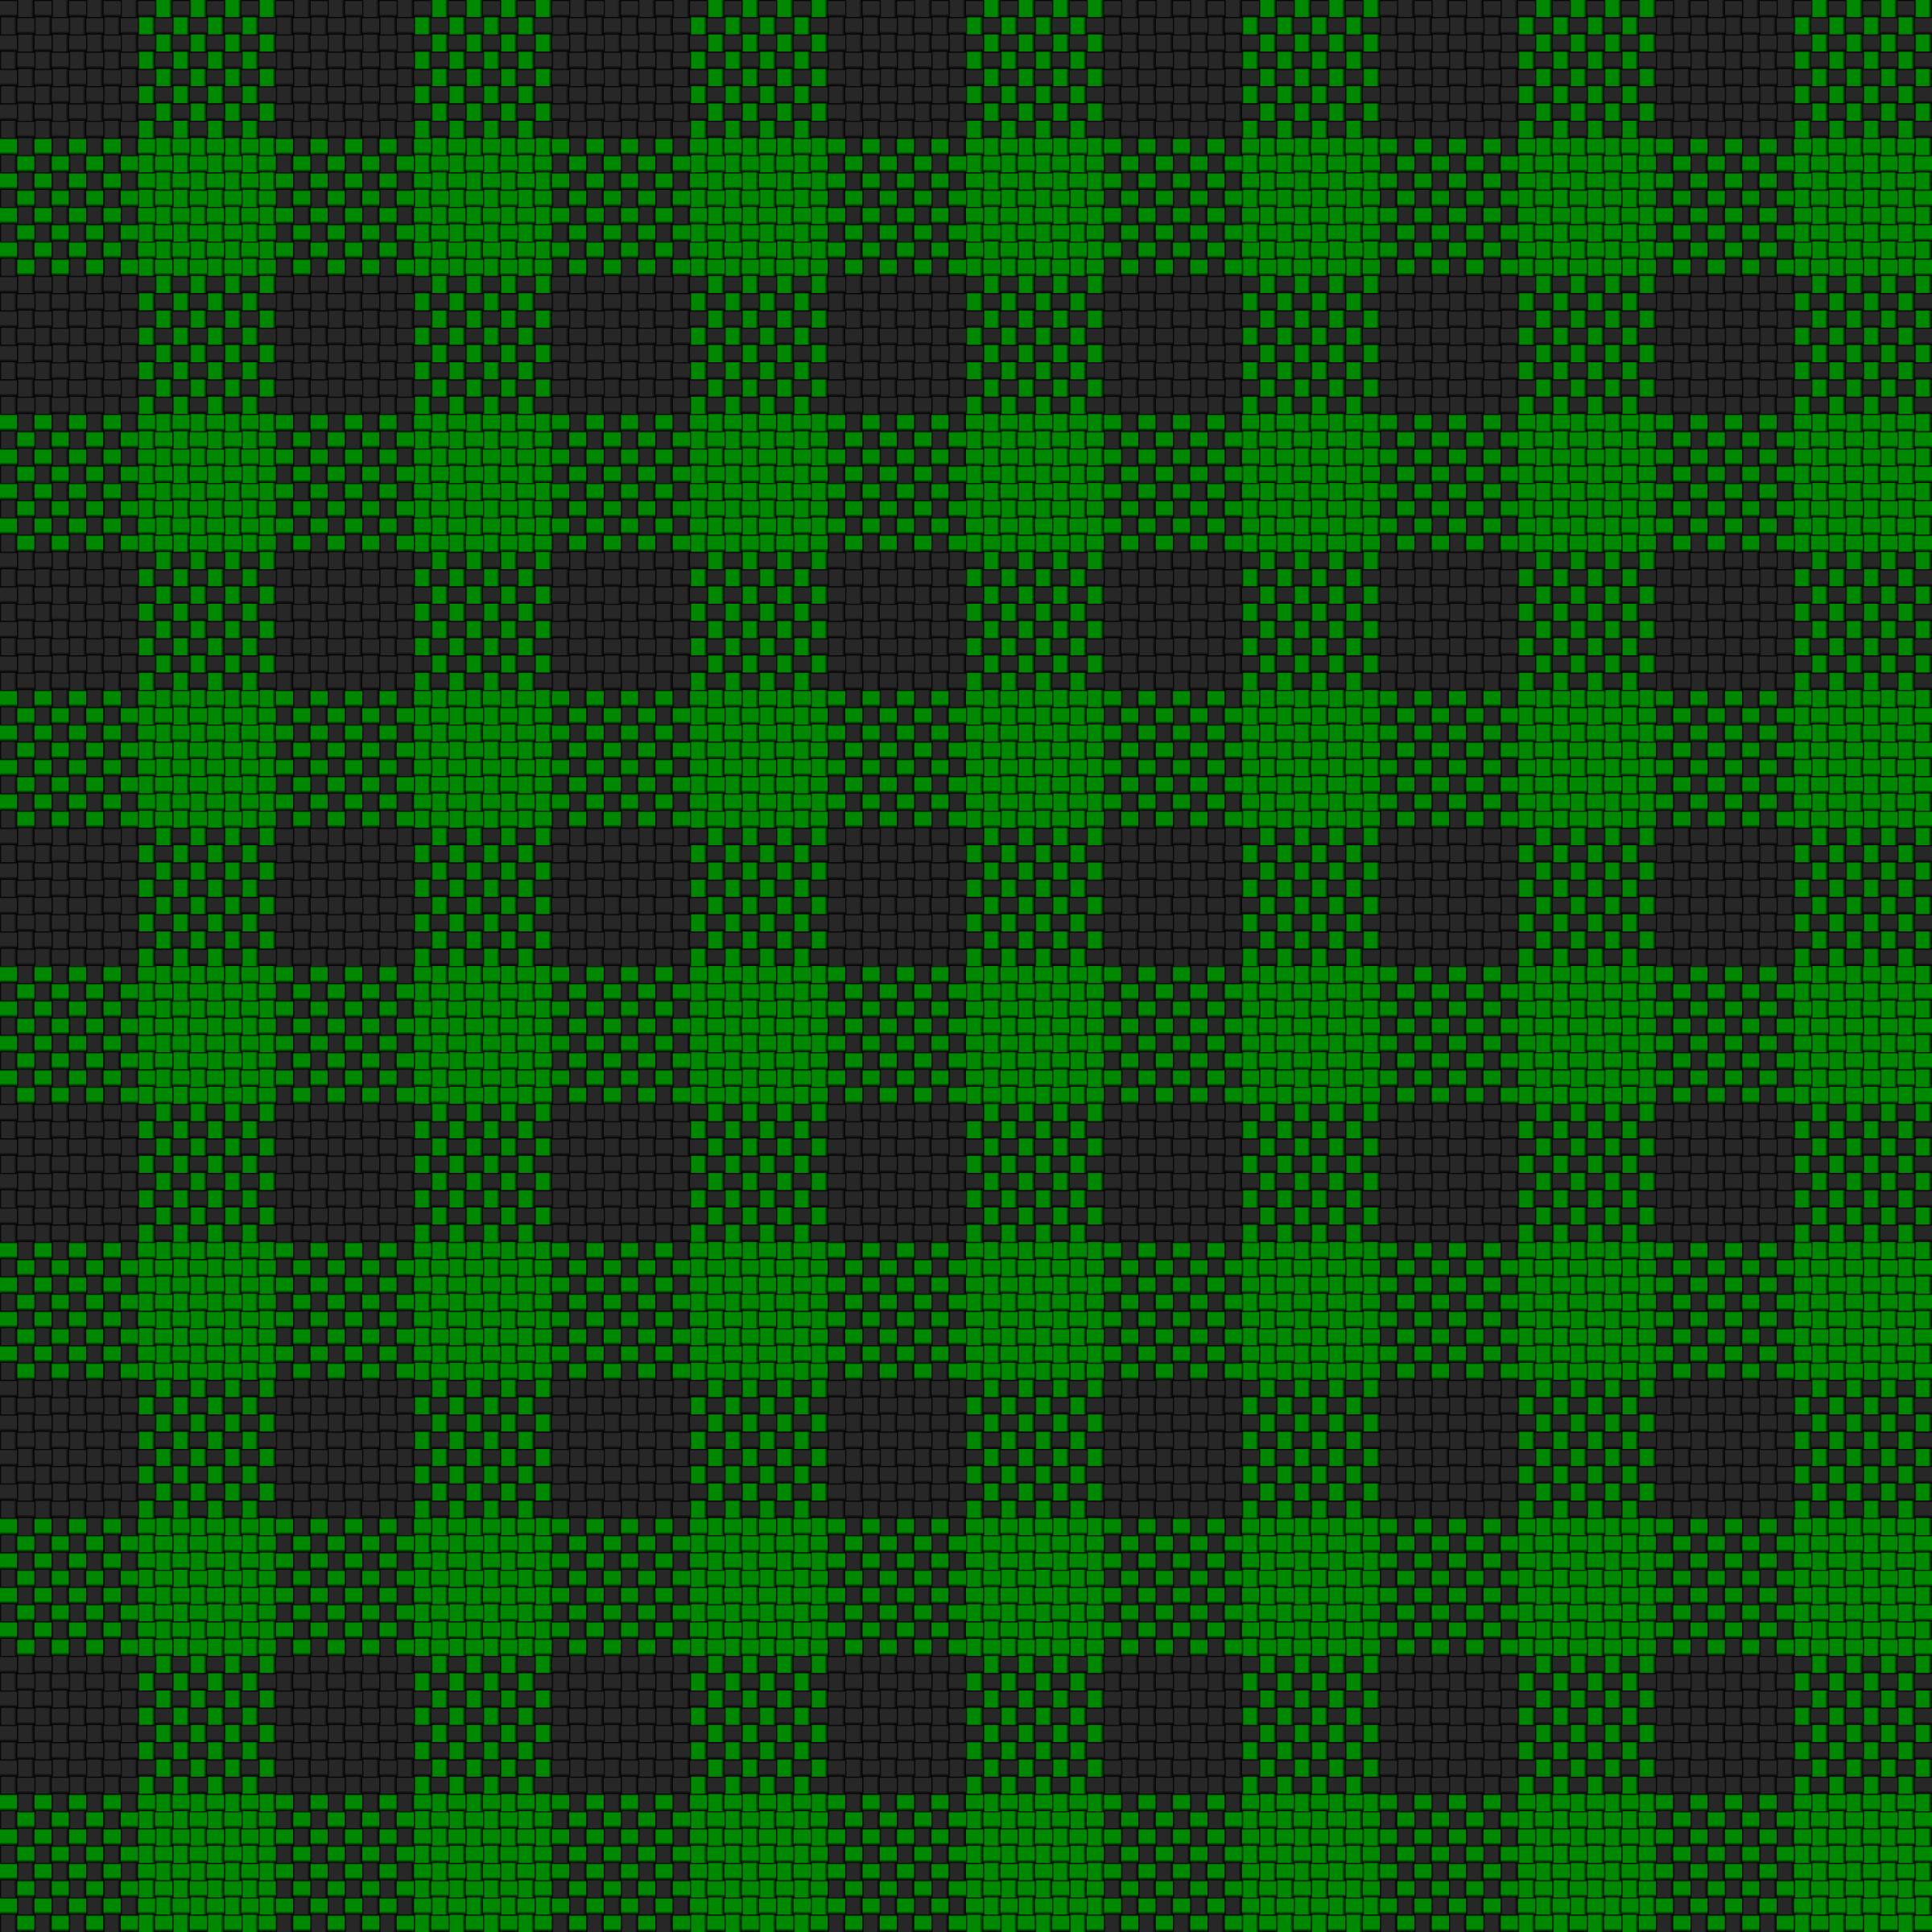 clipart checker plaid cloth black green